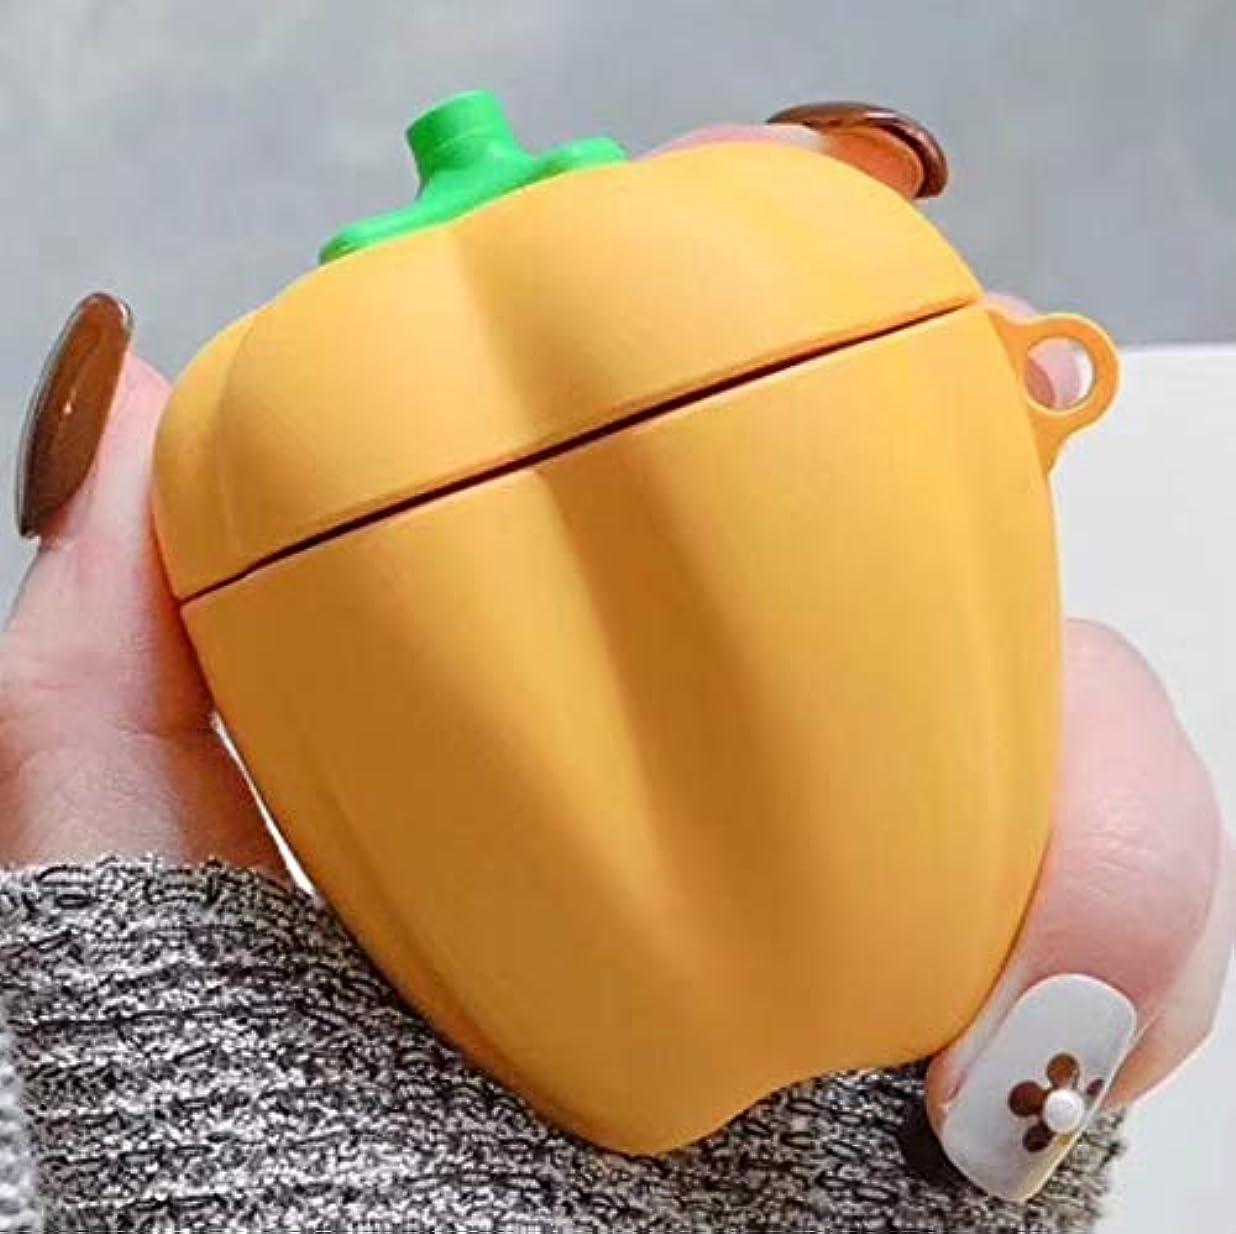 火傷ダーベビルのテス強制的Apple Airpodの保護スリーブケースカバースキン AirPods 1/2用のユニバーサルワイヤレスベルペッパーBluetoothヘッドフォンホルダー (色 : 黄)